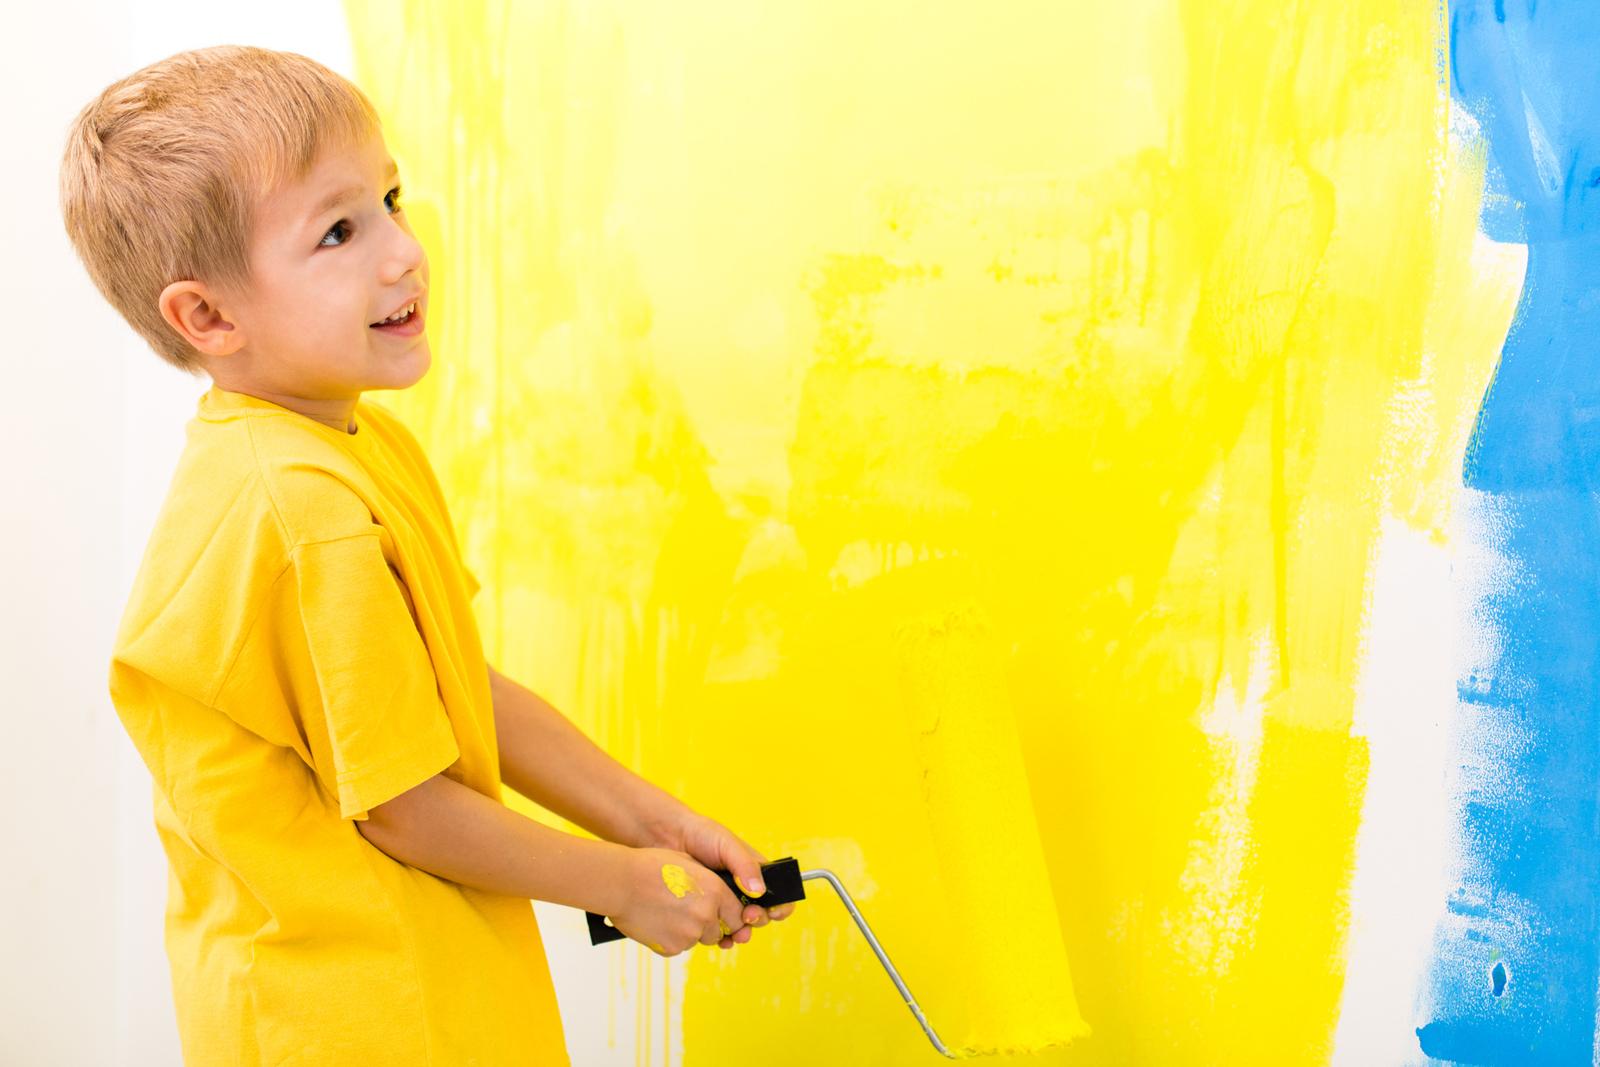 Das hellt jede Stimmung auf: Sonnengelb an den Wänden hebt unsere Laune.